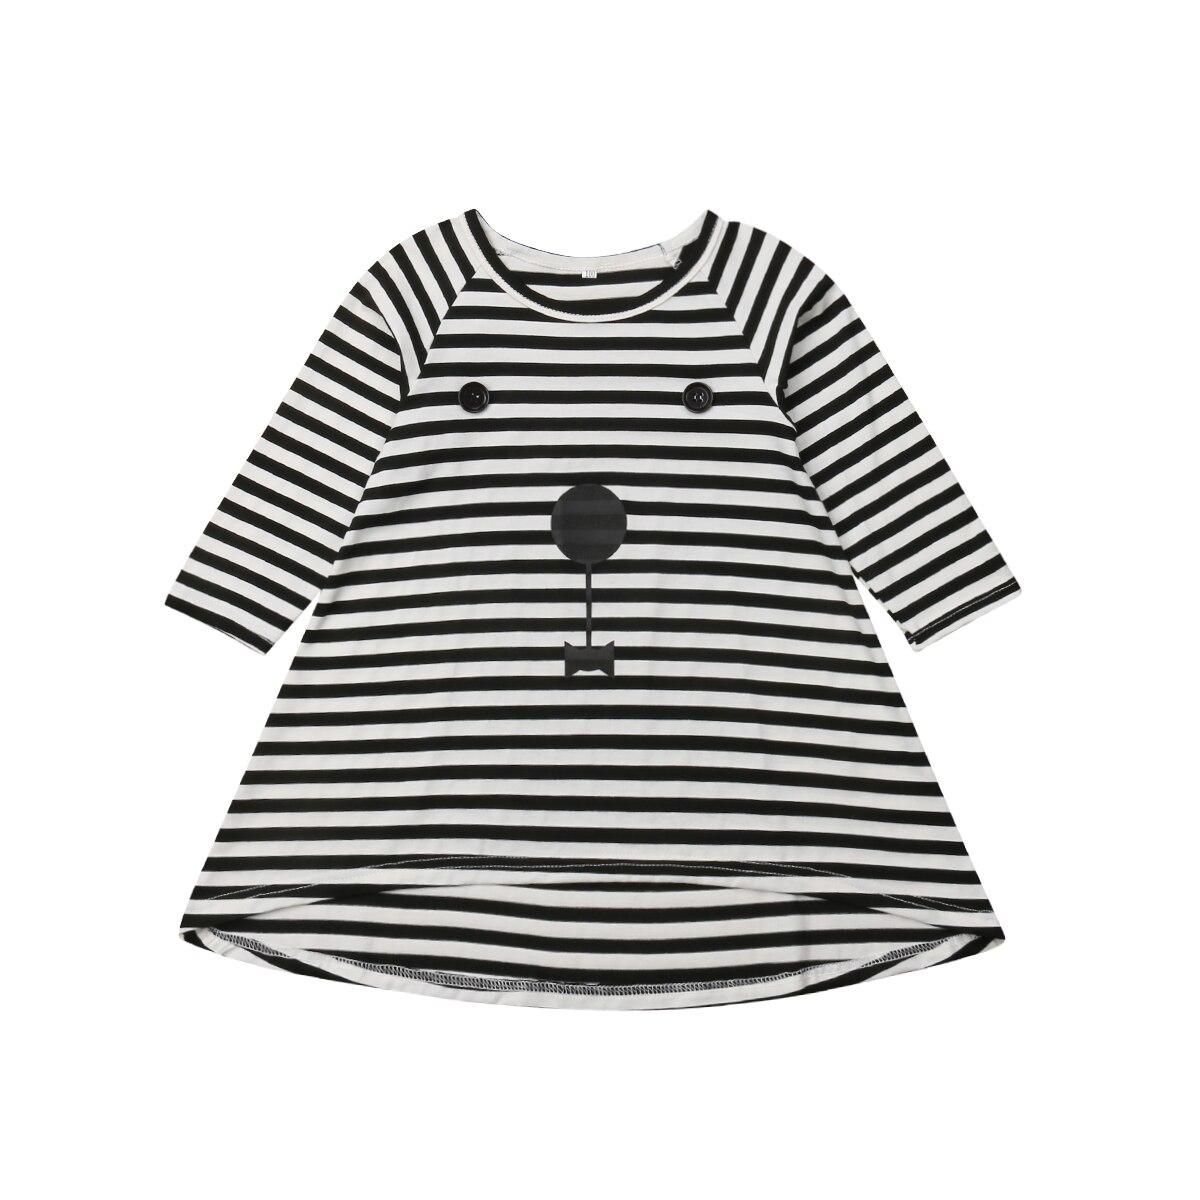 0-3y Langarm Baby Mädchen Kleid Infant Neugeborenen Baby Mädchen Striped Casual Kleid Herbst Frühling Baby Mädchen Kleidung Husten Heilen Und Auswurf Erleichtern Und Heiserkeit Lindern